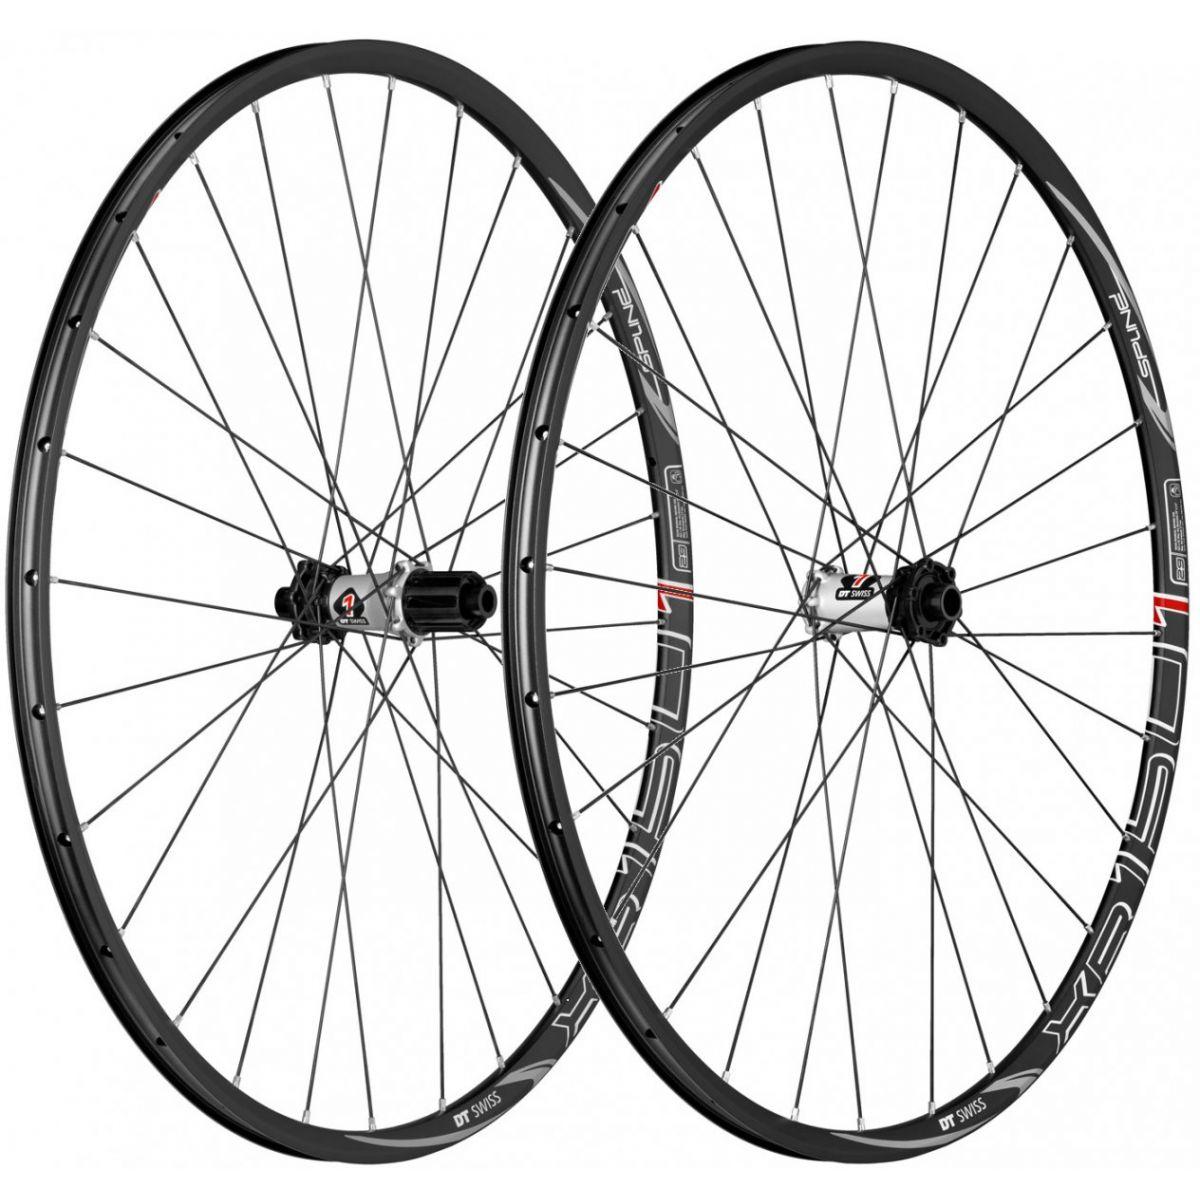 Rodas DT Swiss 27.5 Spline XR1501